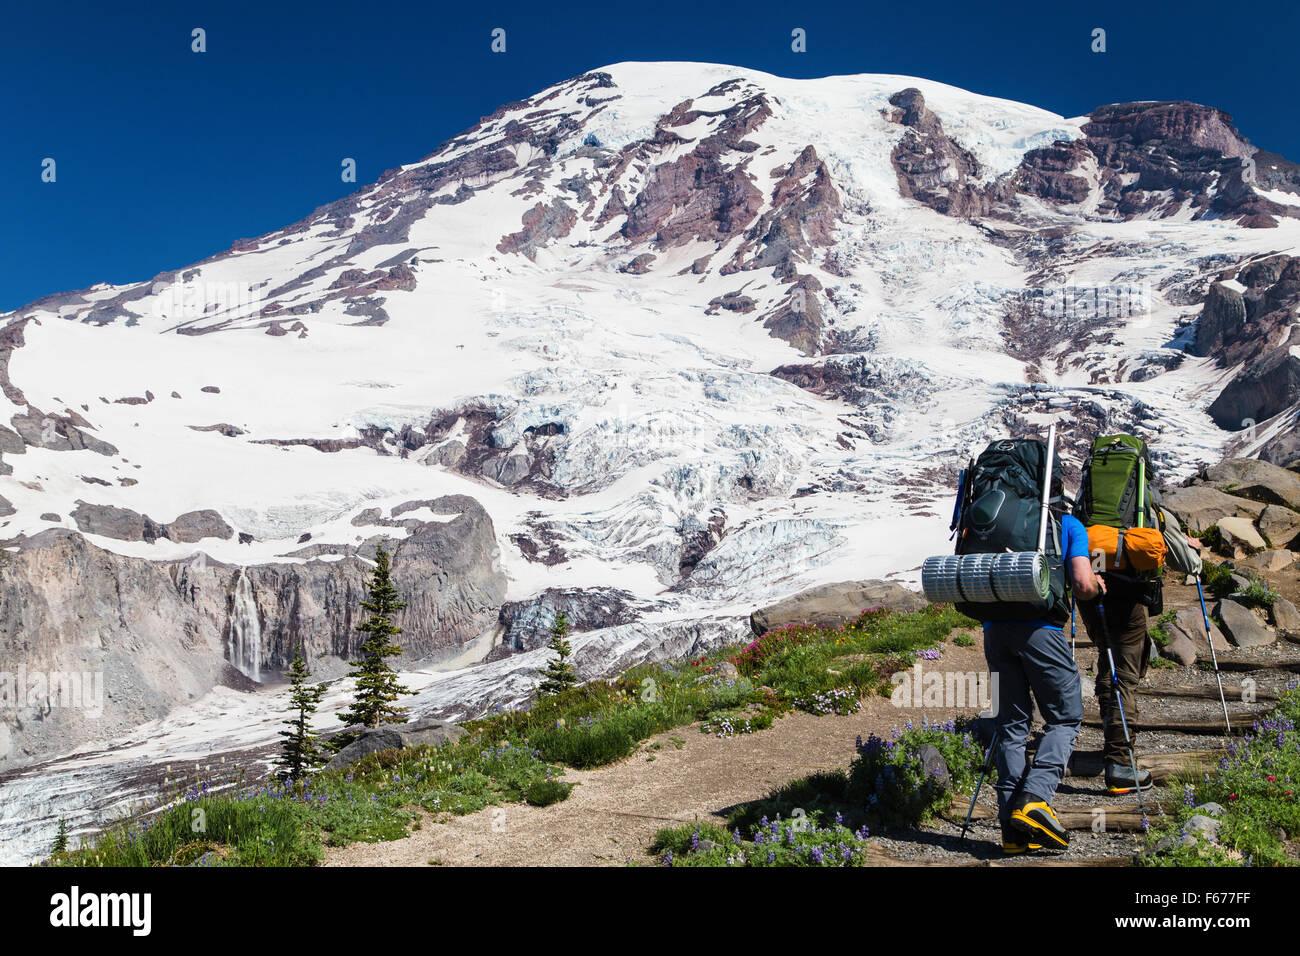 Mt. Ranier,Estados Unidos. 29ª.Jun,2015. Hombre dos caminatas por el sendero del Monte Ranier. Tamaki S./Alamy Imagen De Stock